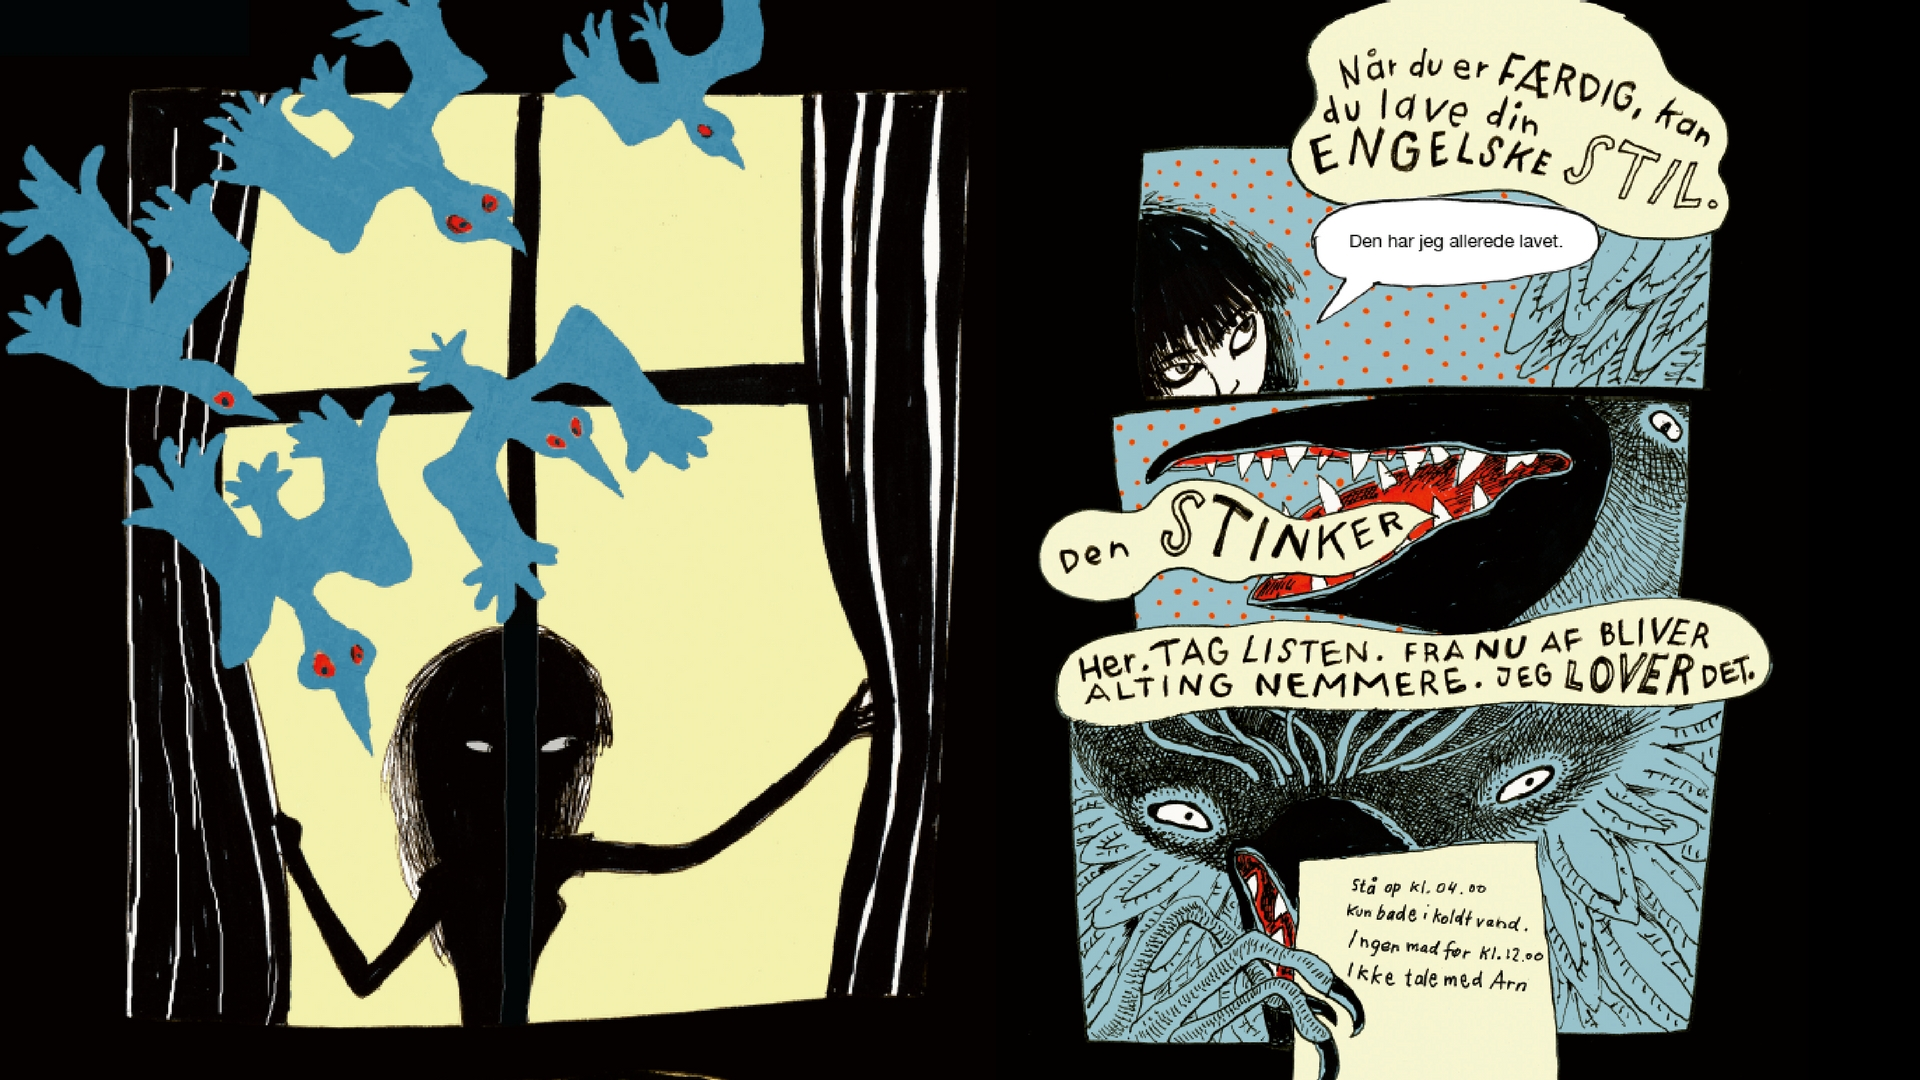 Fuglemanden, Sarah engell, psykisk sygdom, ungdomslitteratur, lilian brøgger, psykisk sygdom, graphic novelle, grafisk roman, ungdomsbog